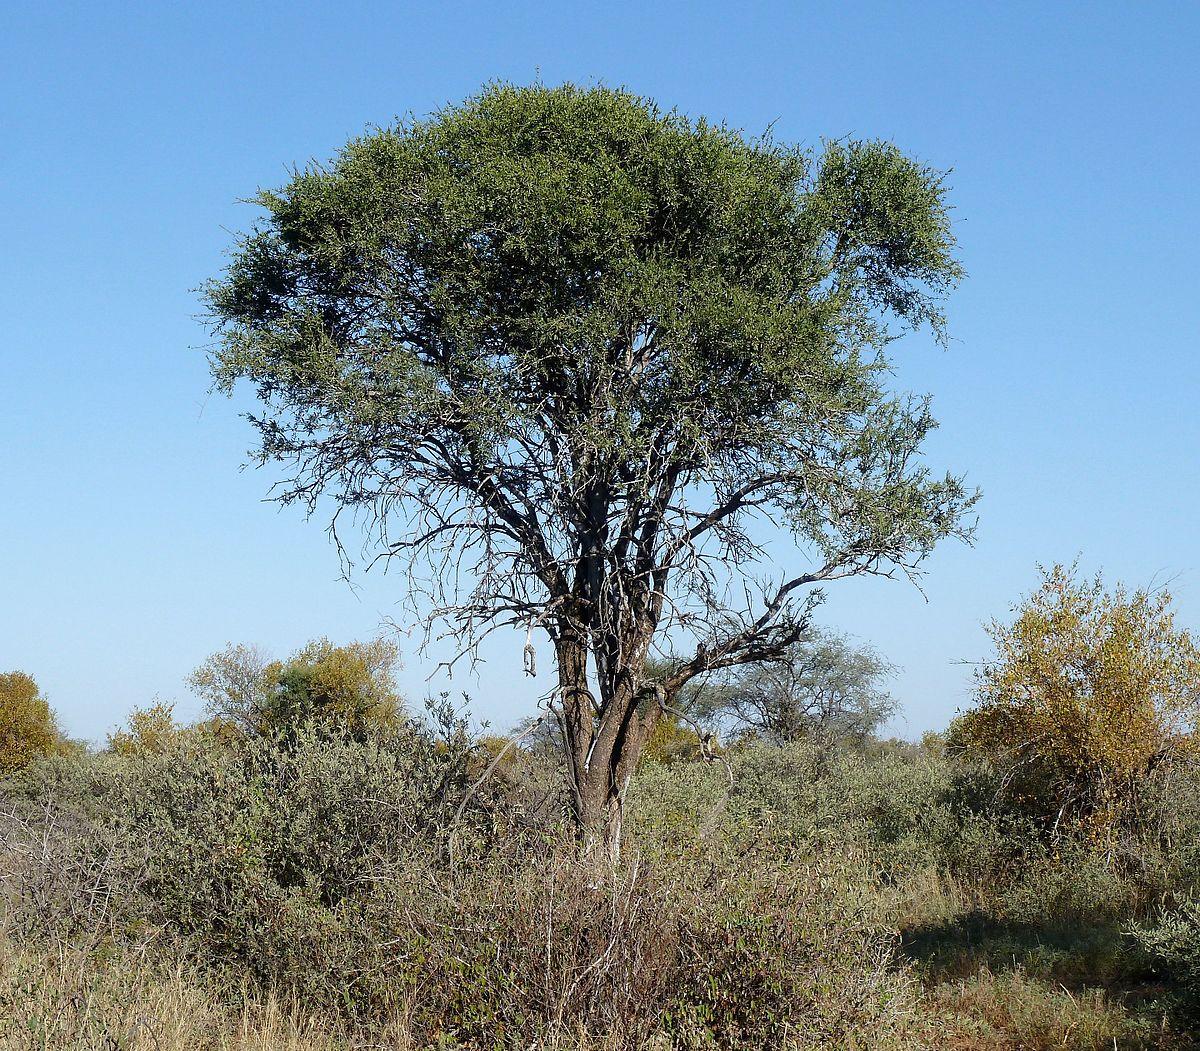 Boscia albitrunca - Wikipedia